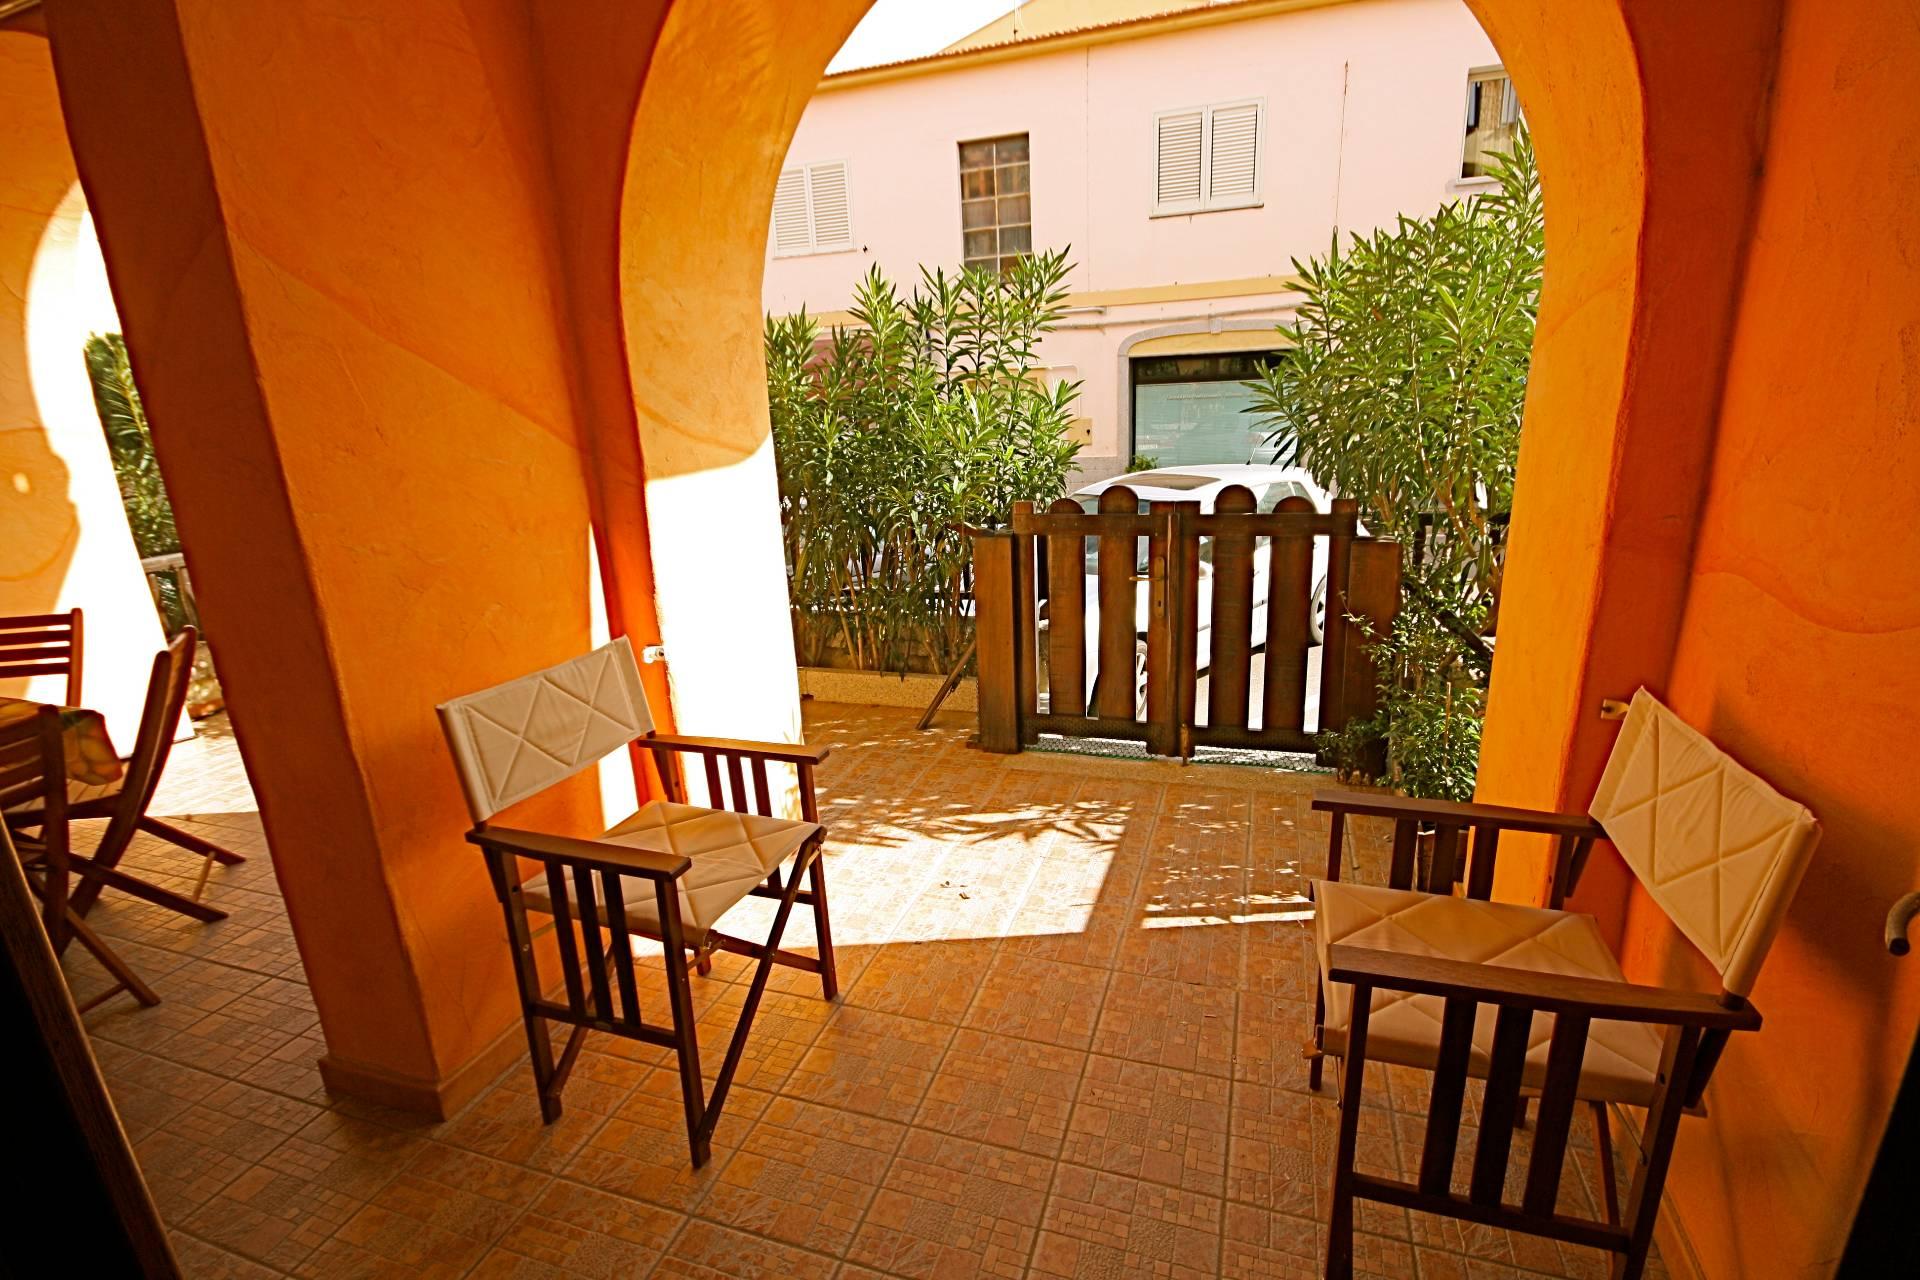 Appartamento in vendita a Golfo Aranci, 1 locali, zona Località: PAESE, prezzo € 144.000 | CambioCasa.it